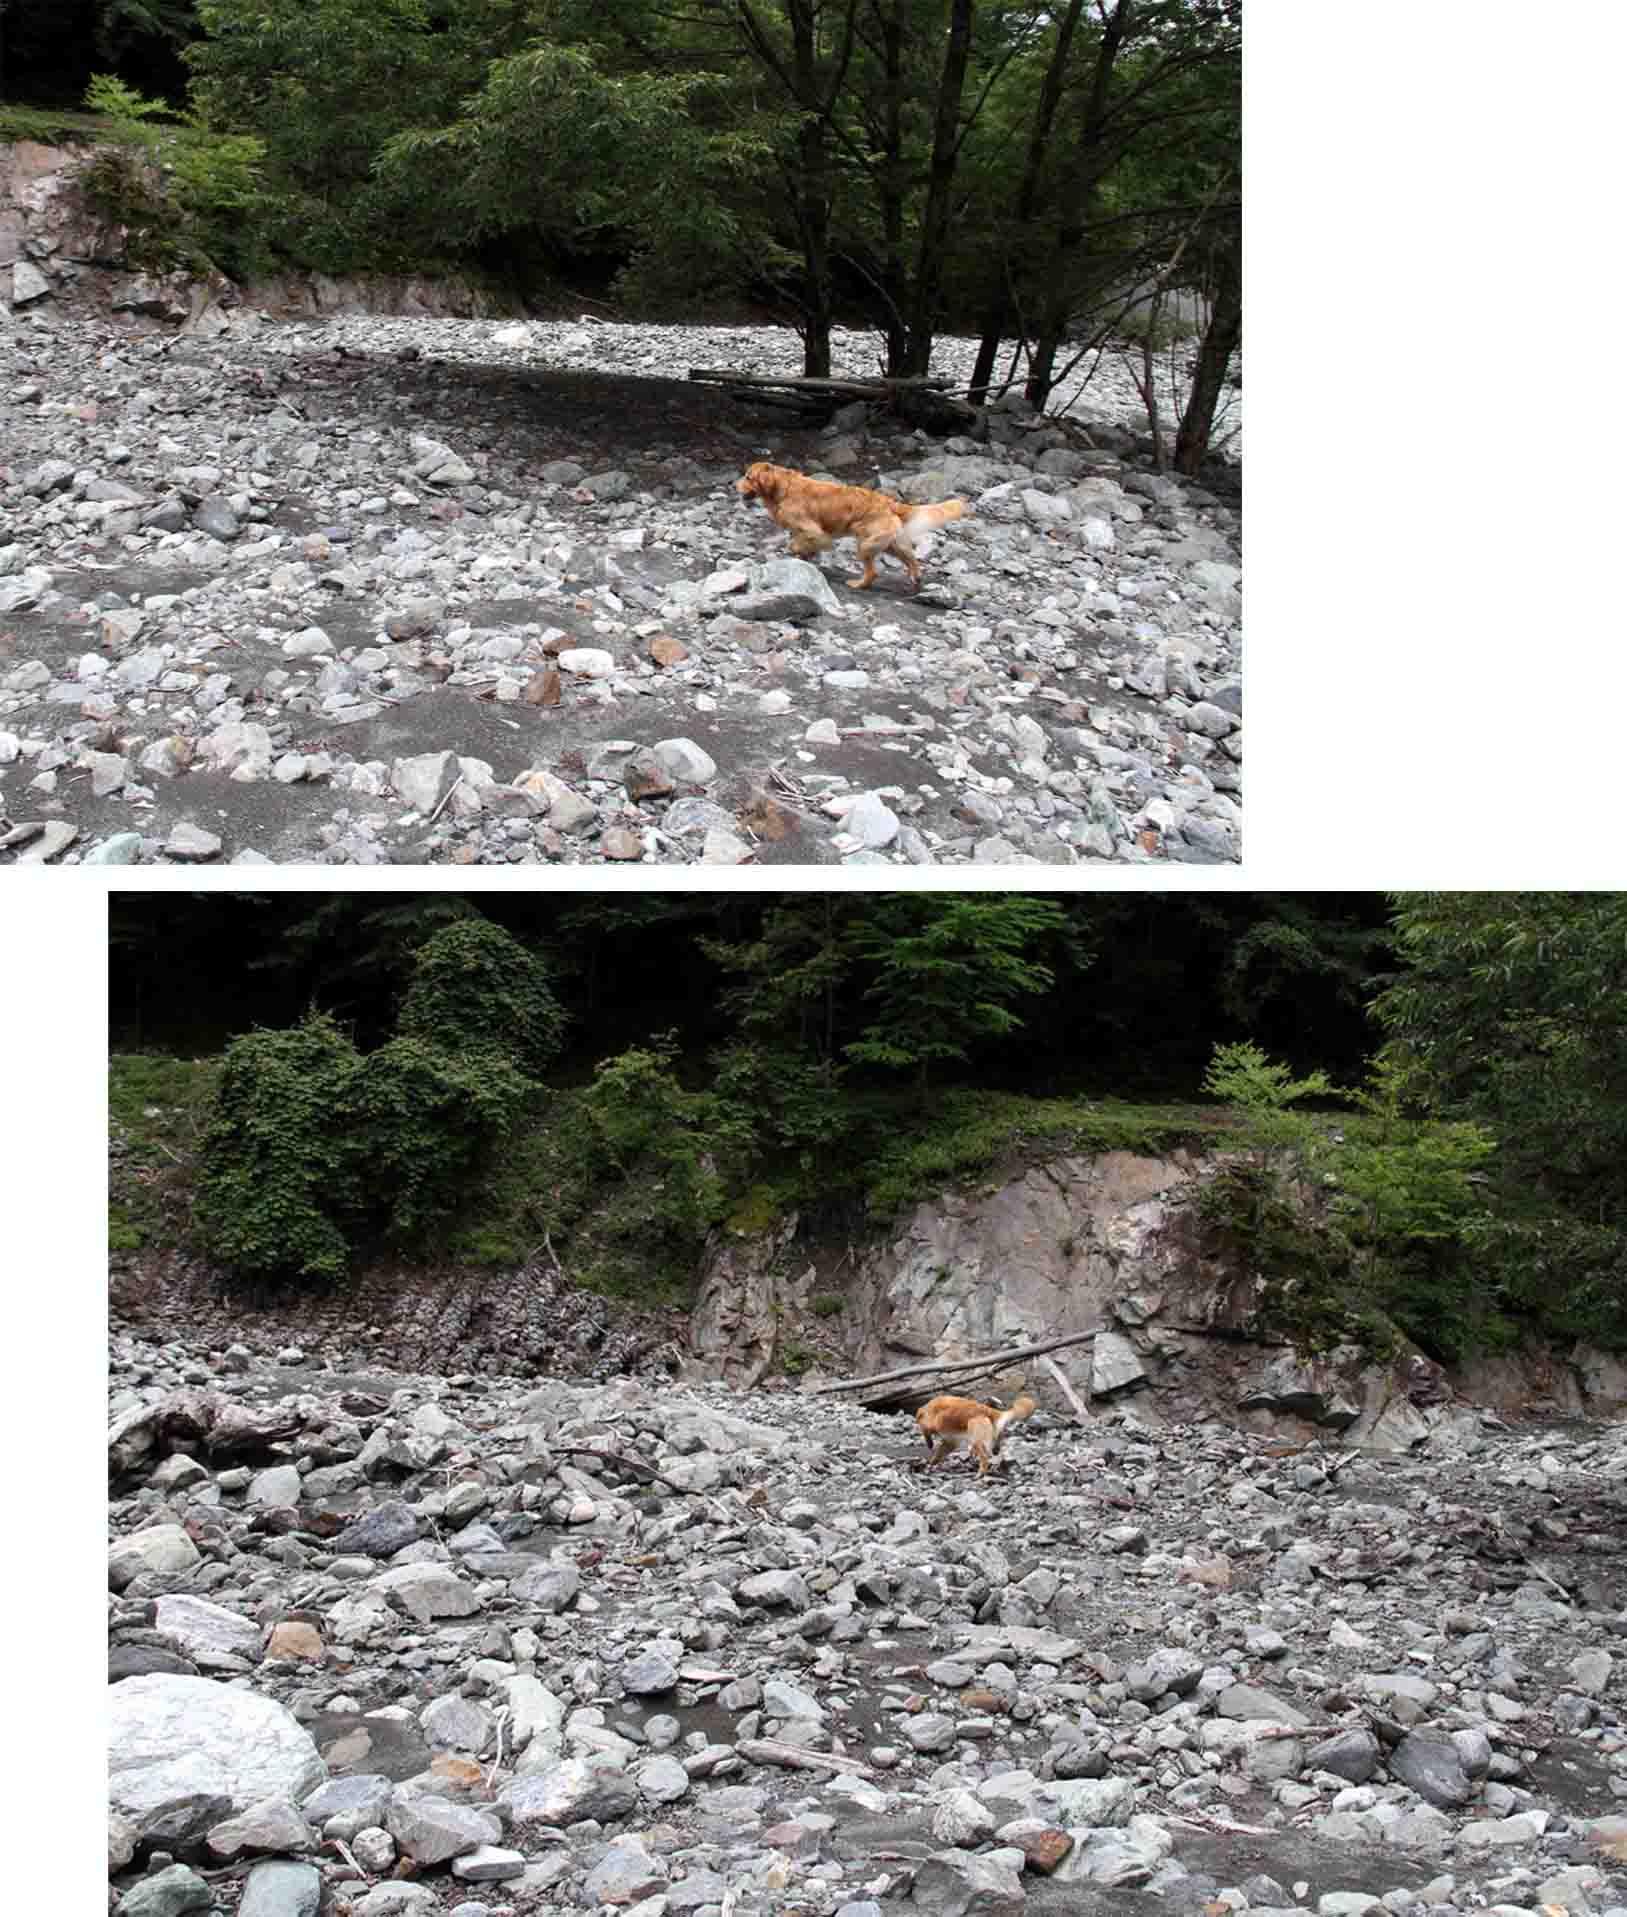 三峰川 7月14日 渓流周辺の捜索(21)